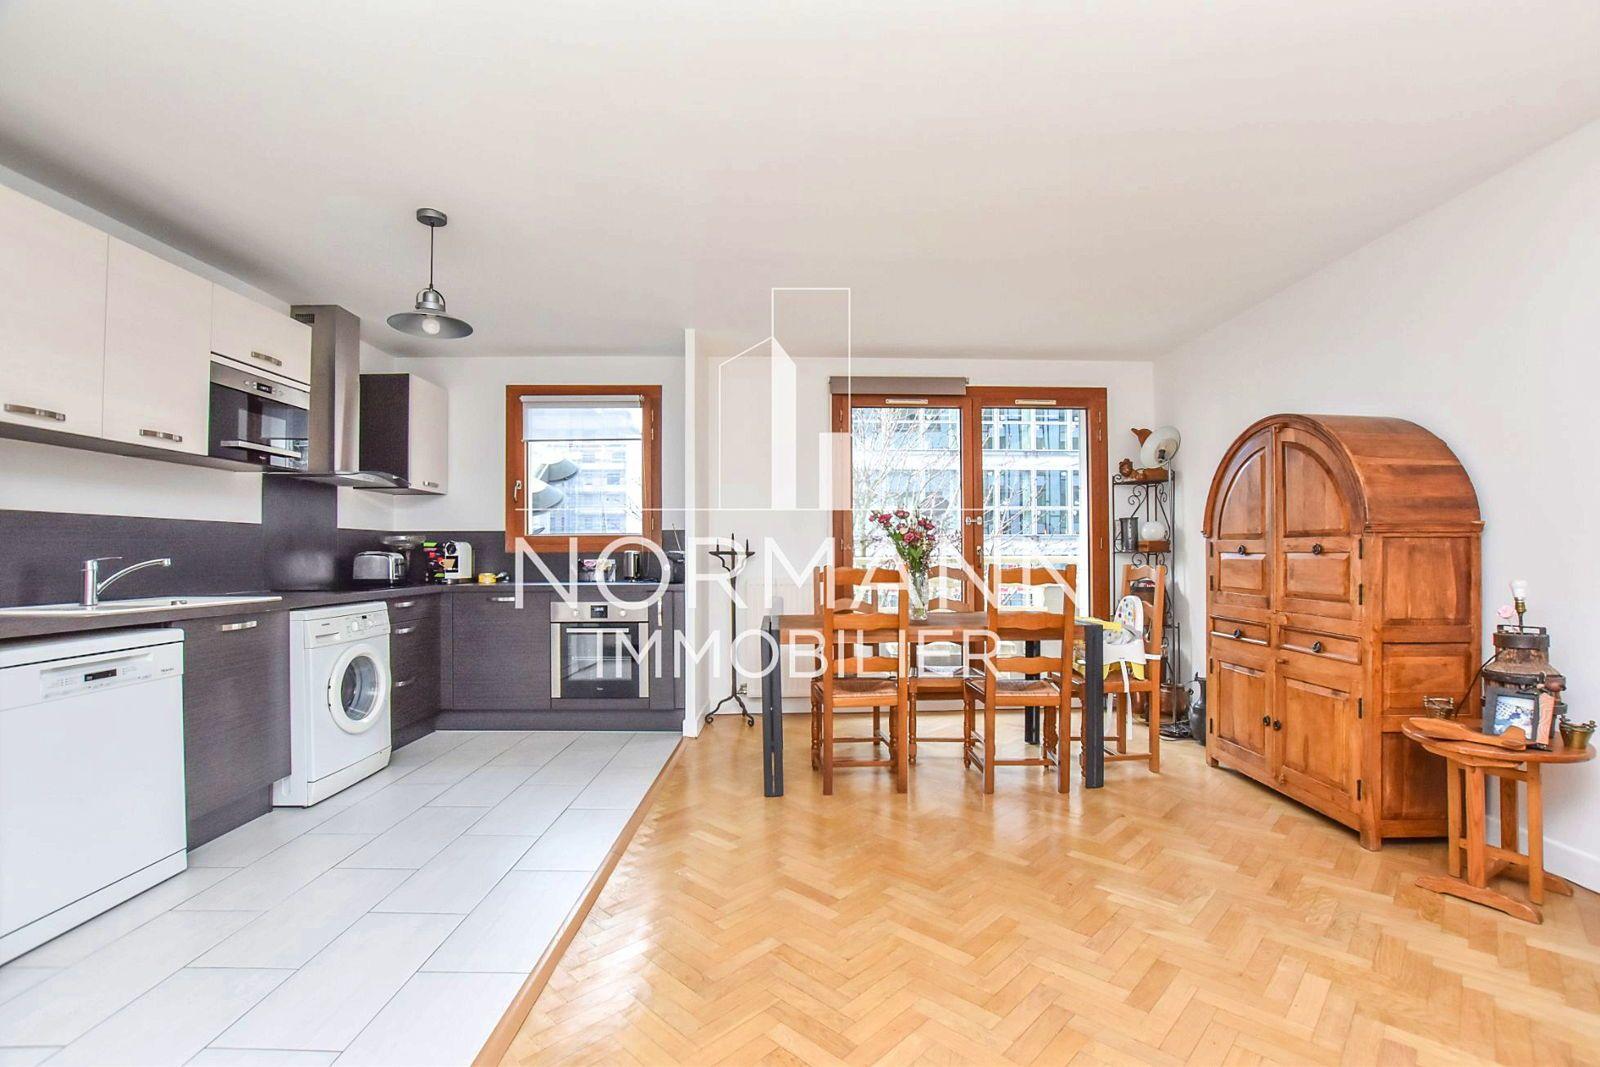 Vends appartement 65m², 2Chambres Levallois (92) - Front de Seine Balcon Plein sud